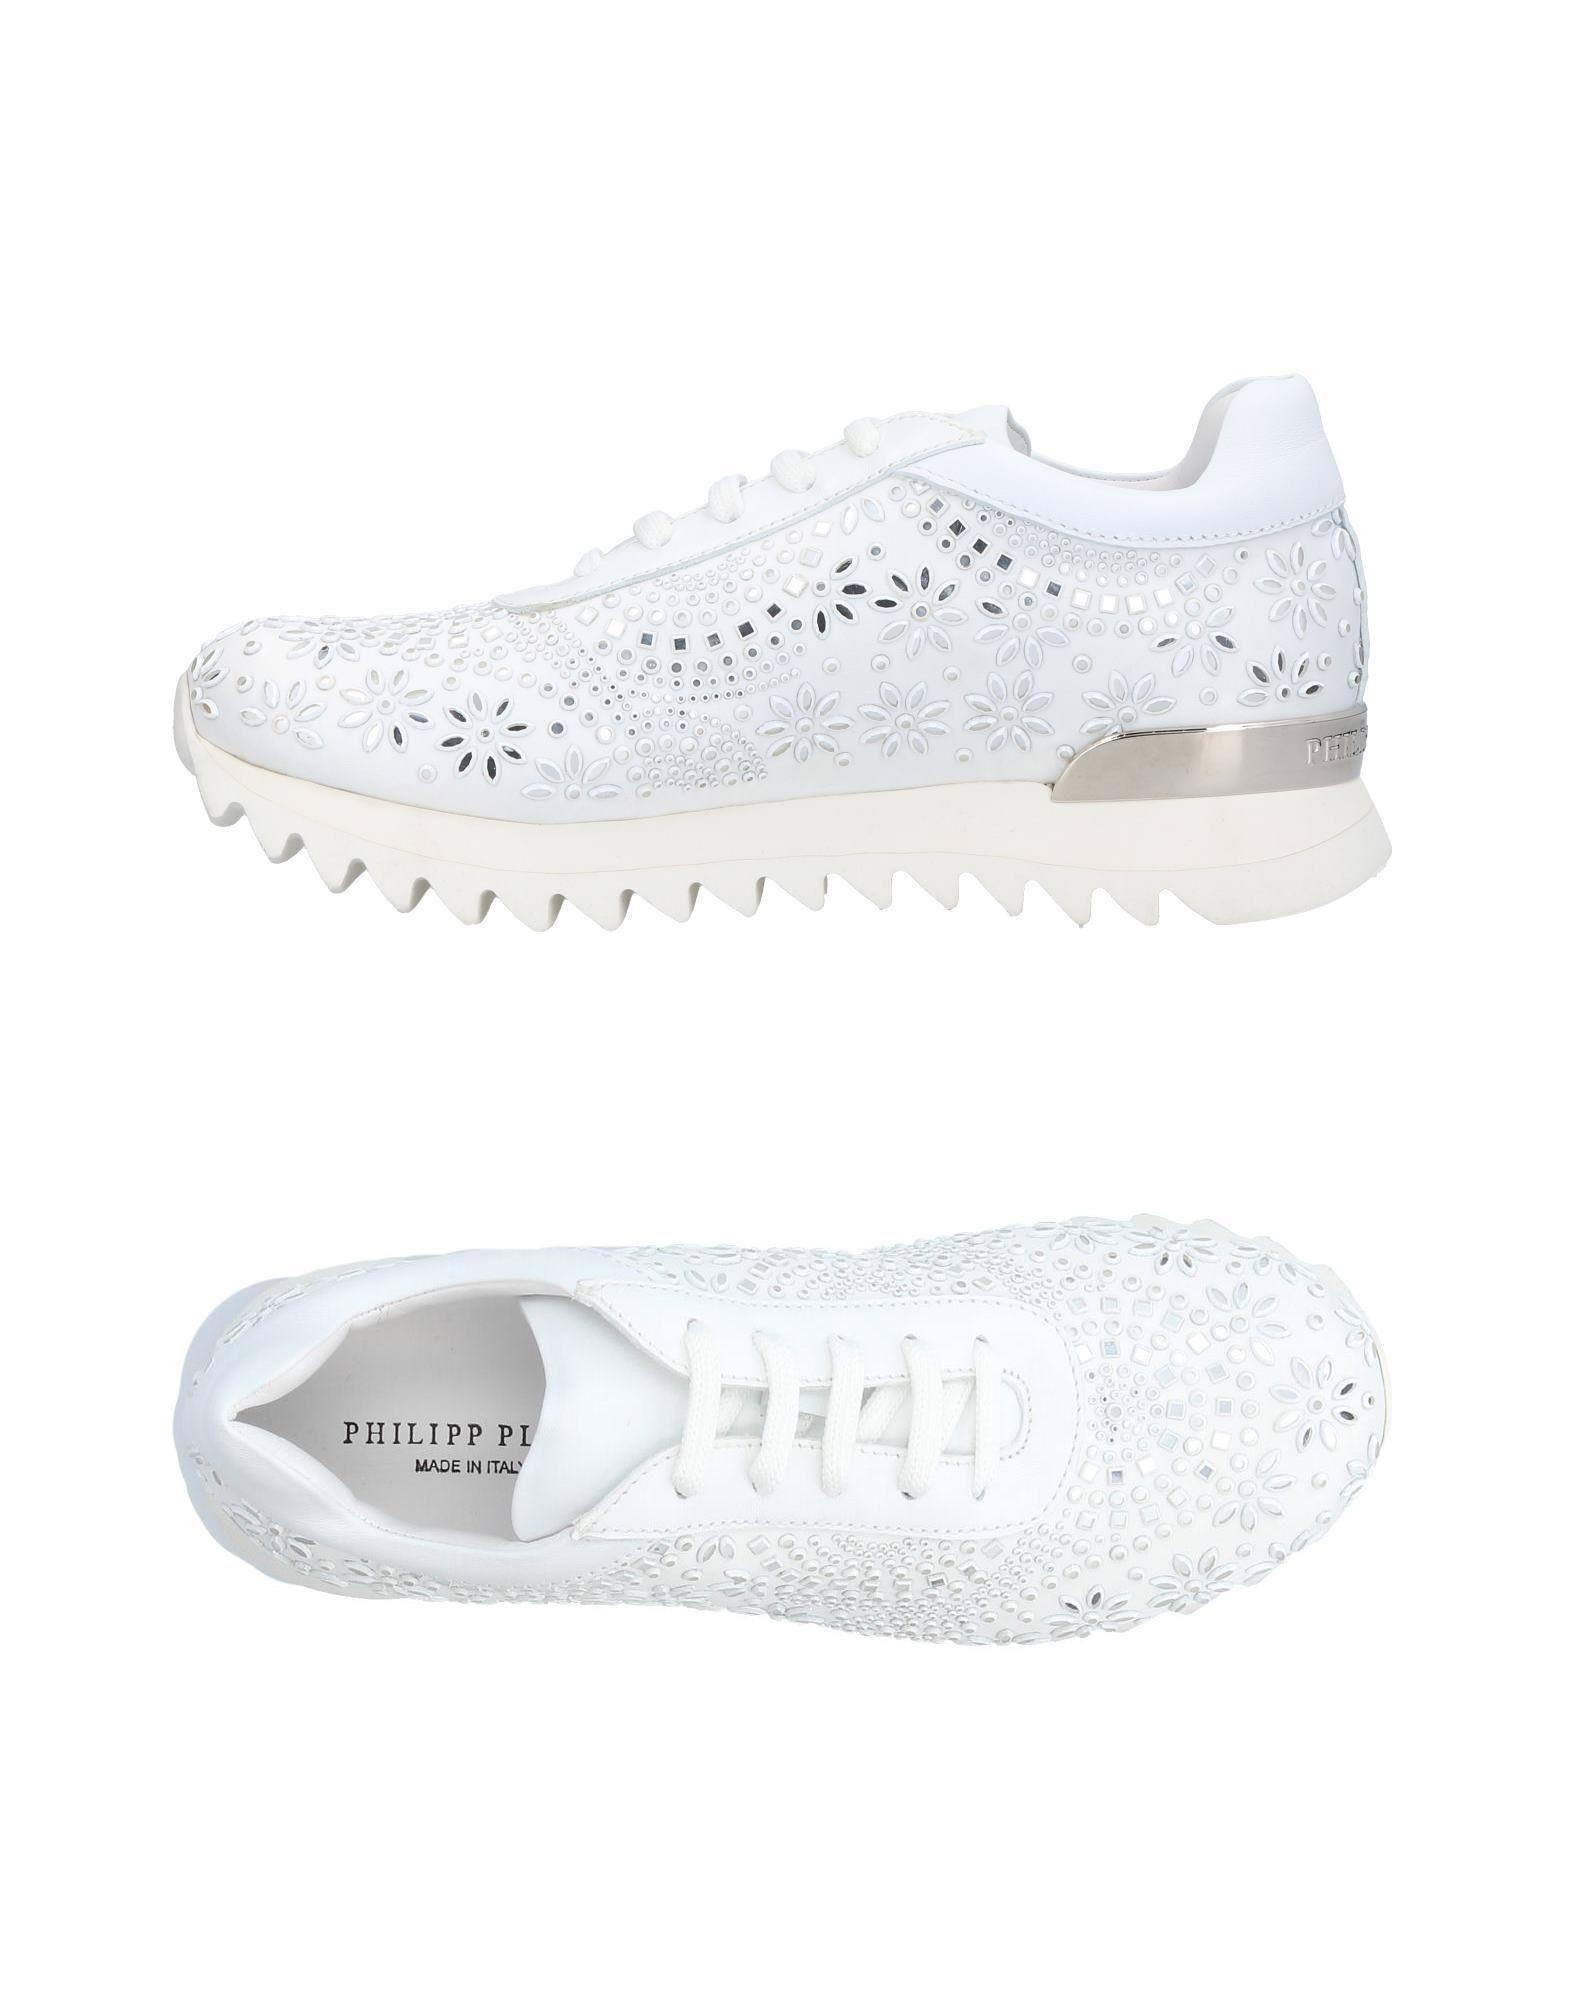 Scarpe economiche e resistenti Sneakers Plein Philipp Plein Sneakers Donna 9dff17